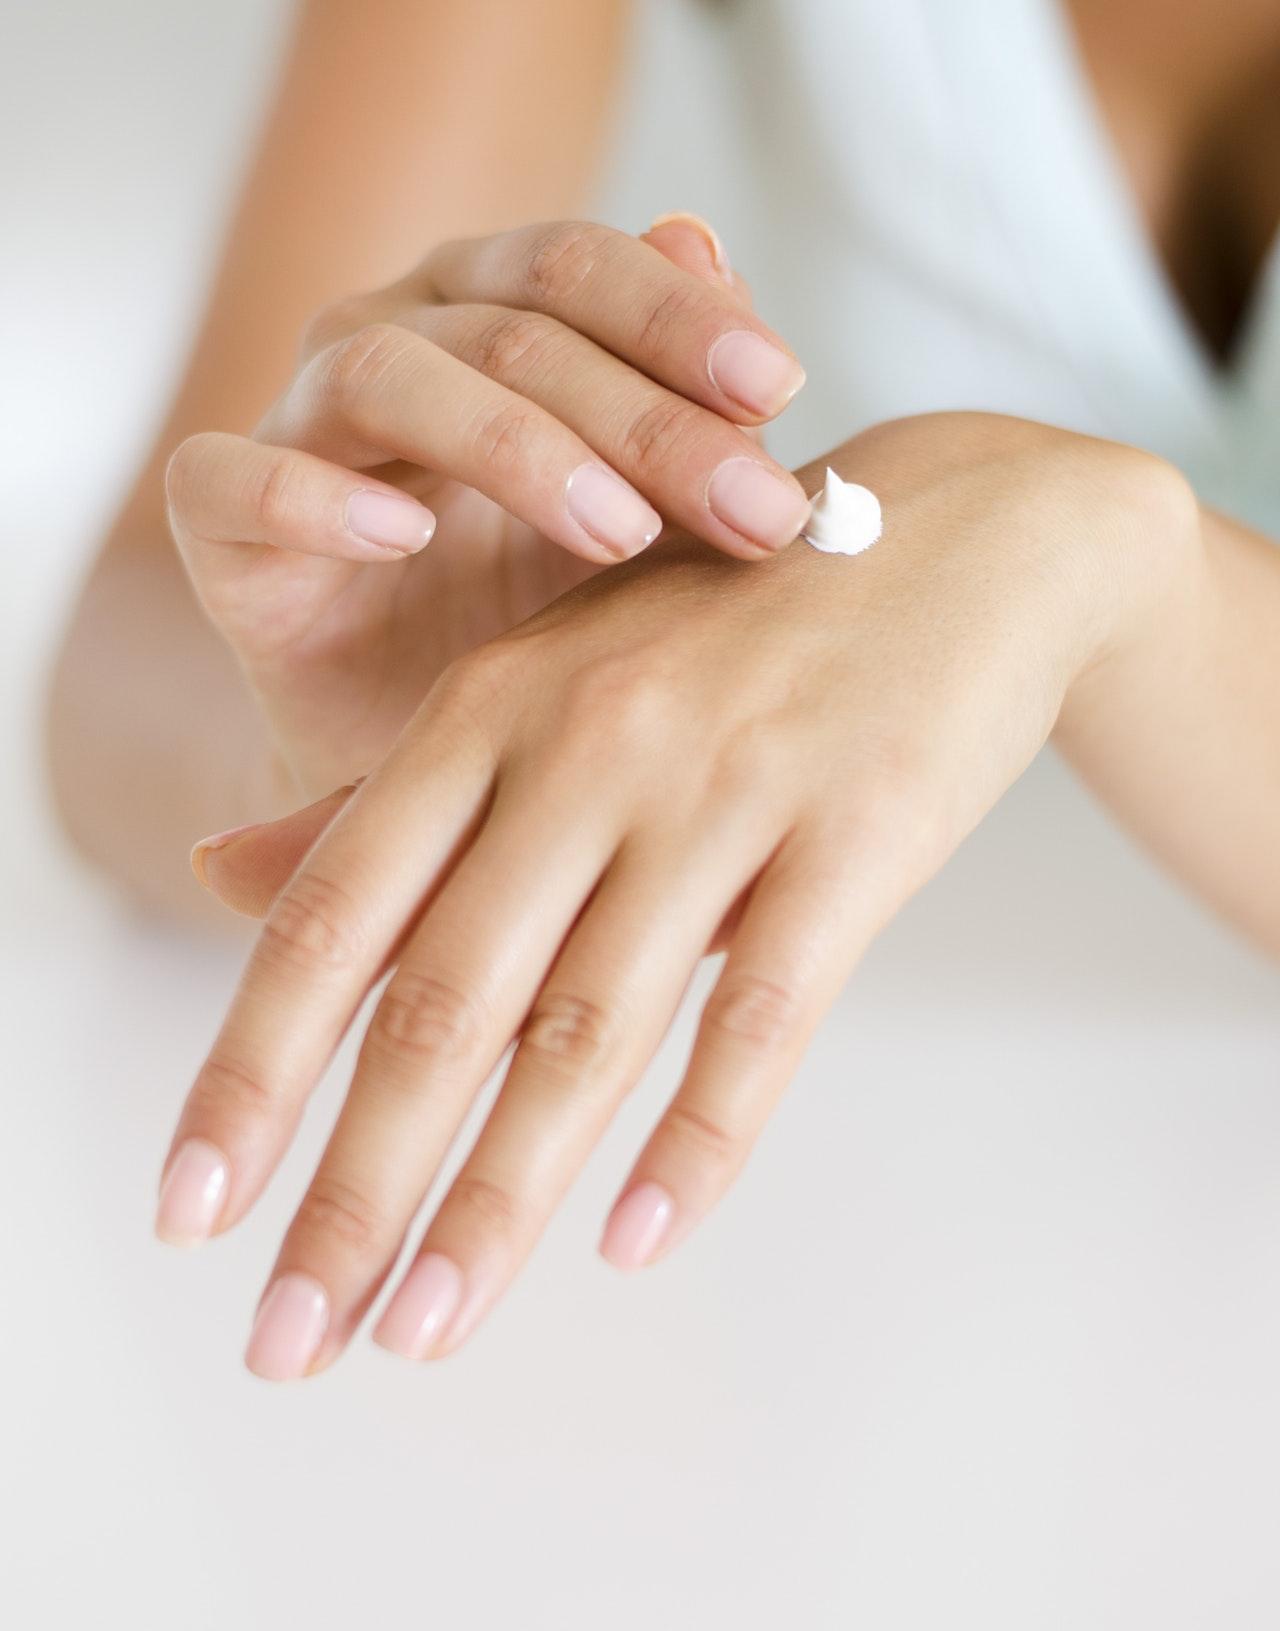 Como cuidar das suas mãos e das suas unhas? Cuidado adequado em casa e no salão